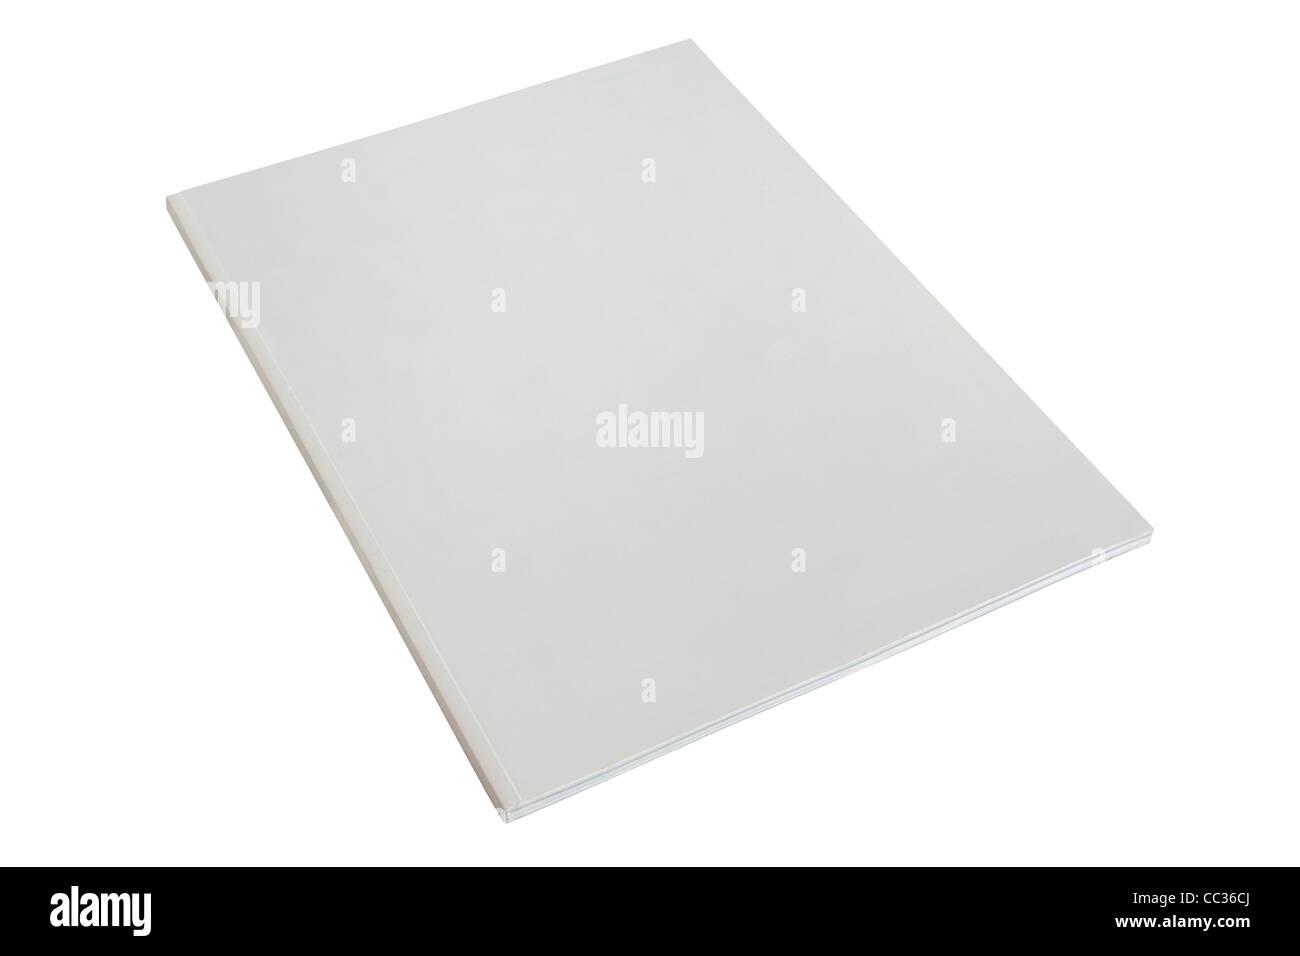 Brochure ou magazine papier blanc vierge dummy isolé sur fond blanc Photo Stock